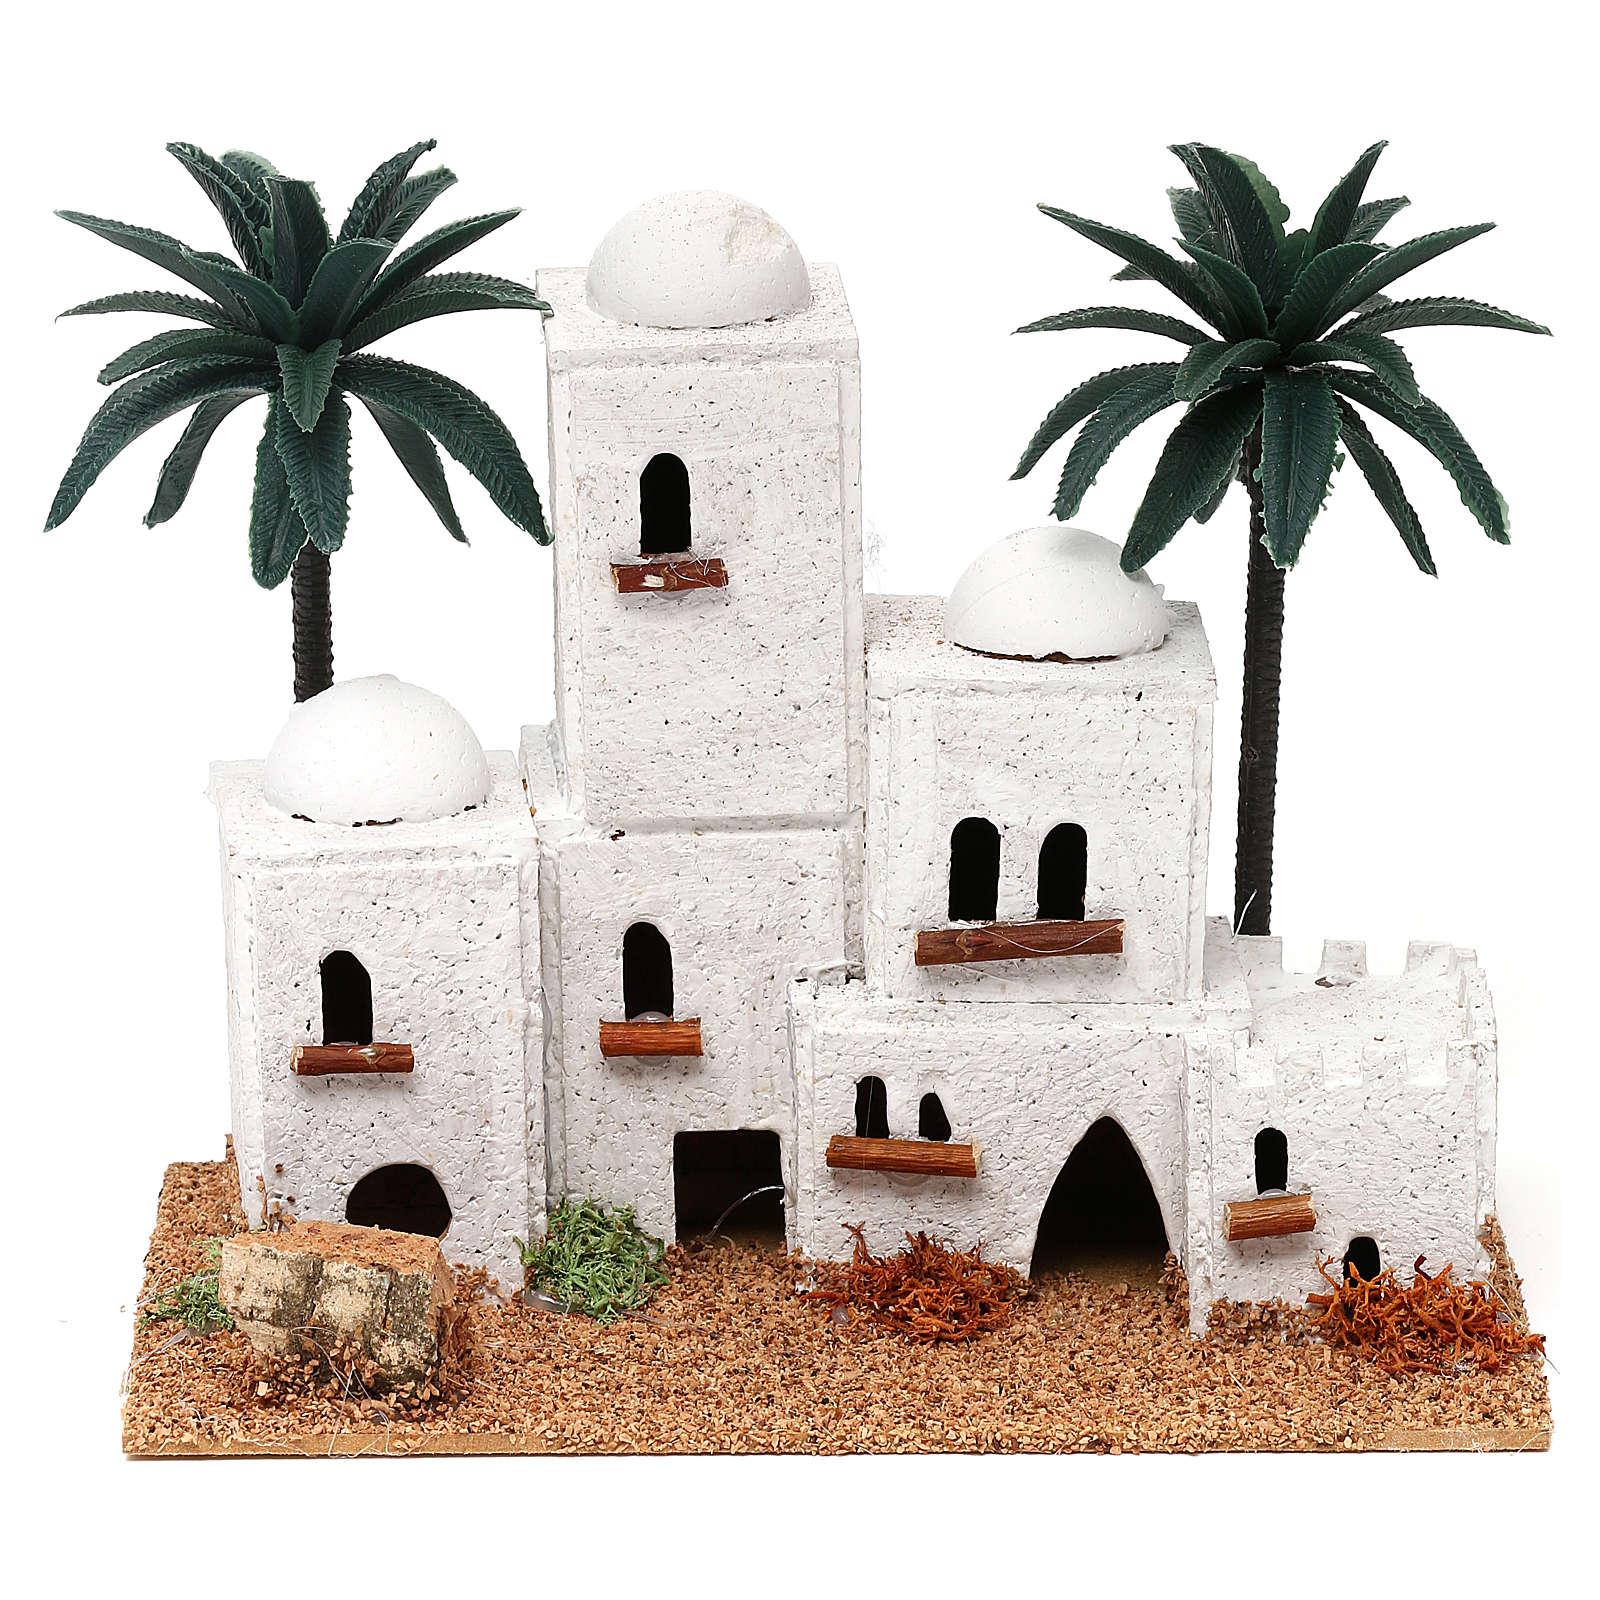 Borgo in stile arabo con palme presepe 4 cm 15x20x10 cm 4